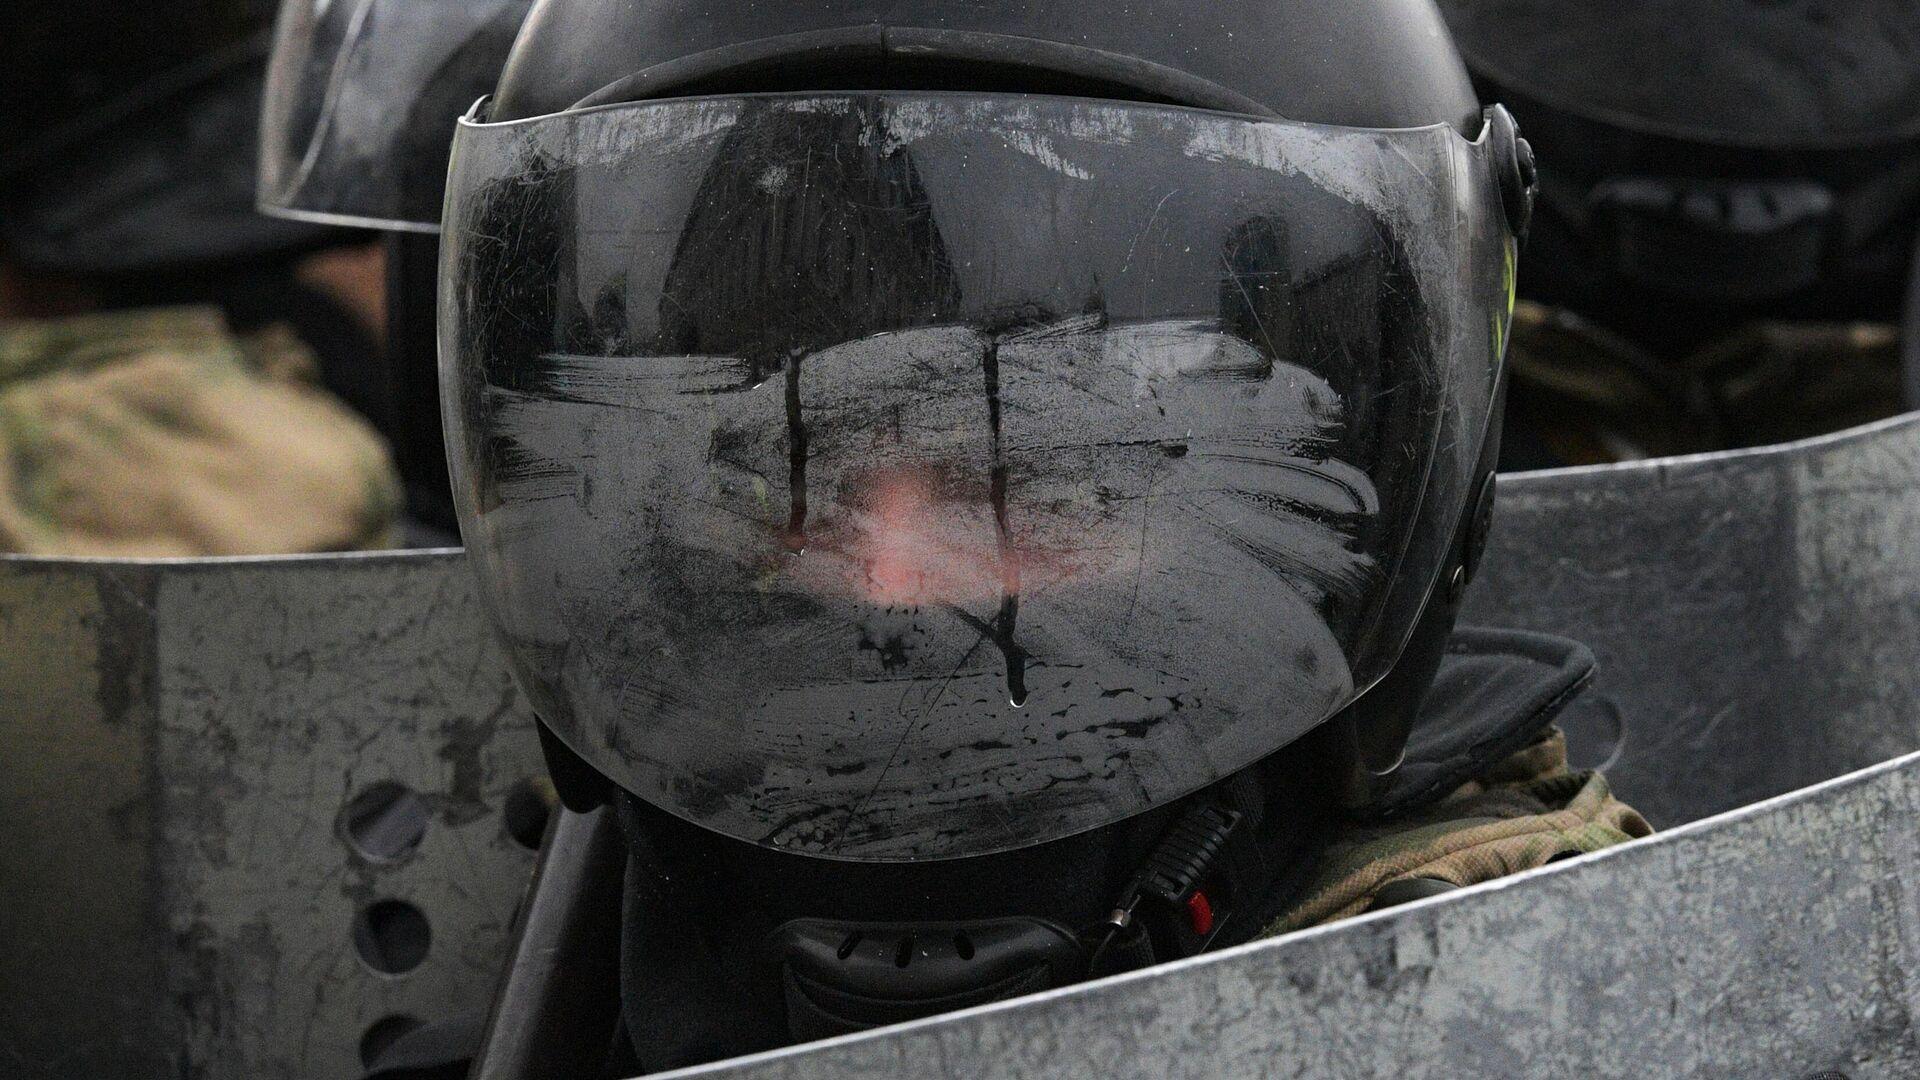 Сотрудник правоохранительных органов во время акции сторонников Алексея Навального в Санкт-Петербурге - РИА Новости, 1920, 03.02.2021